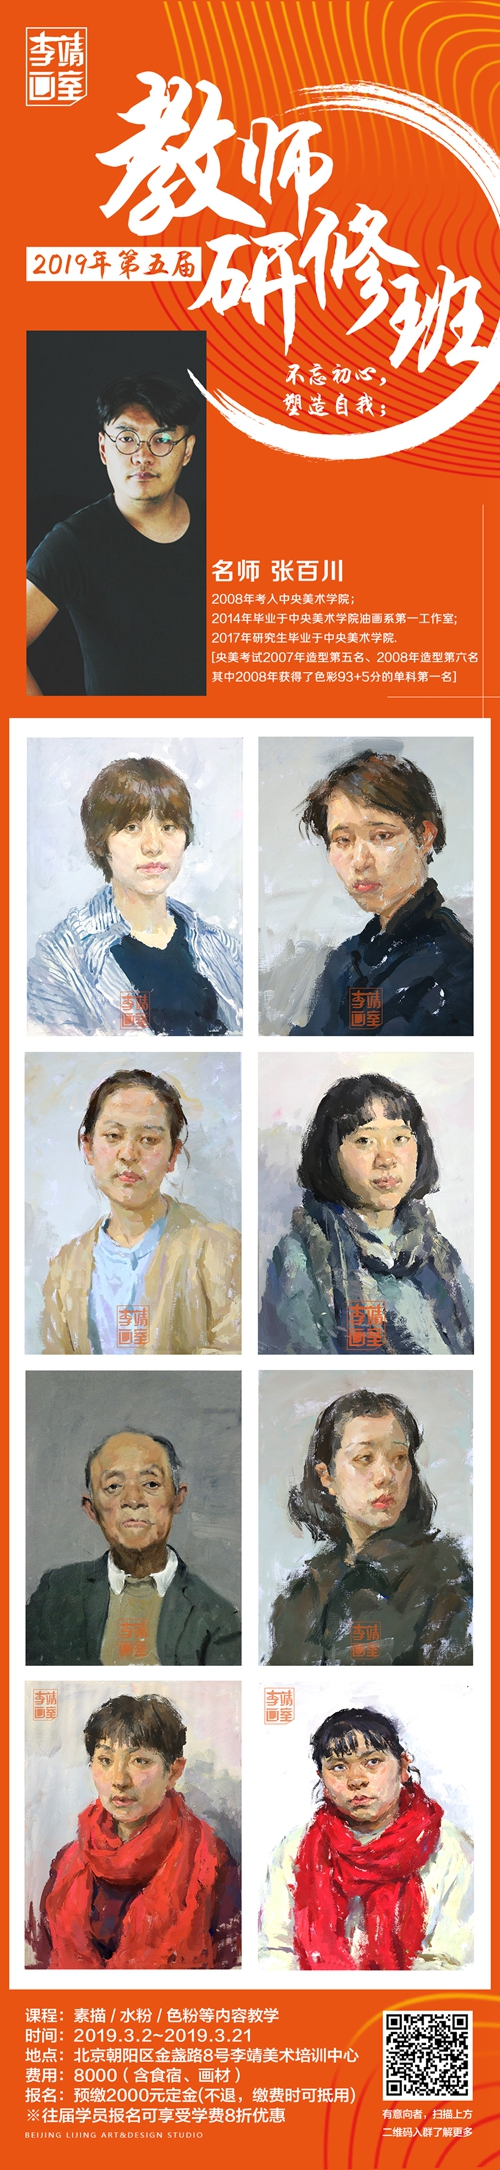 2019年李靖画室第五届教师研修班来袭!还在等什么?5